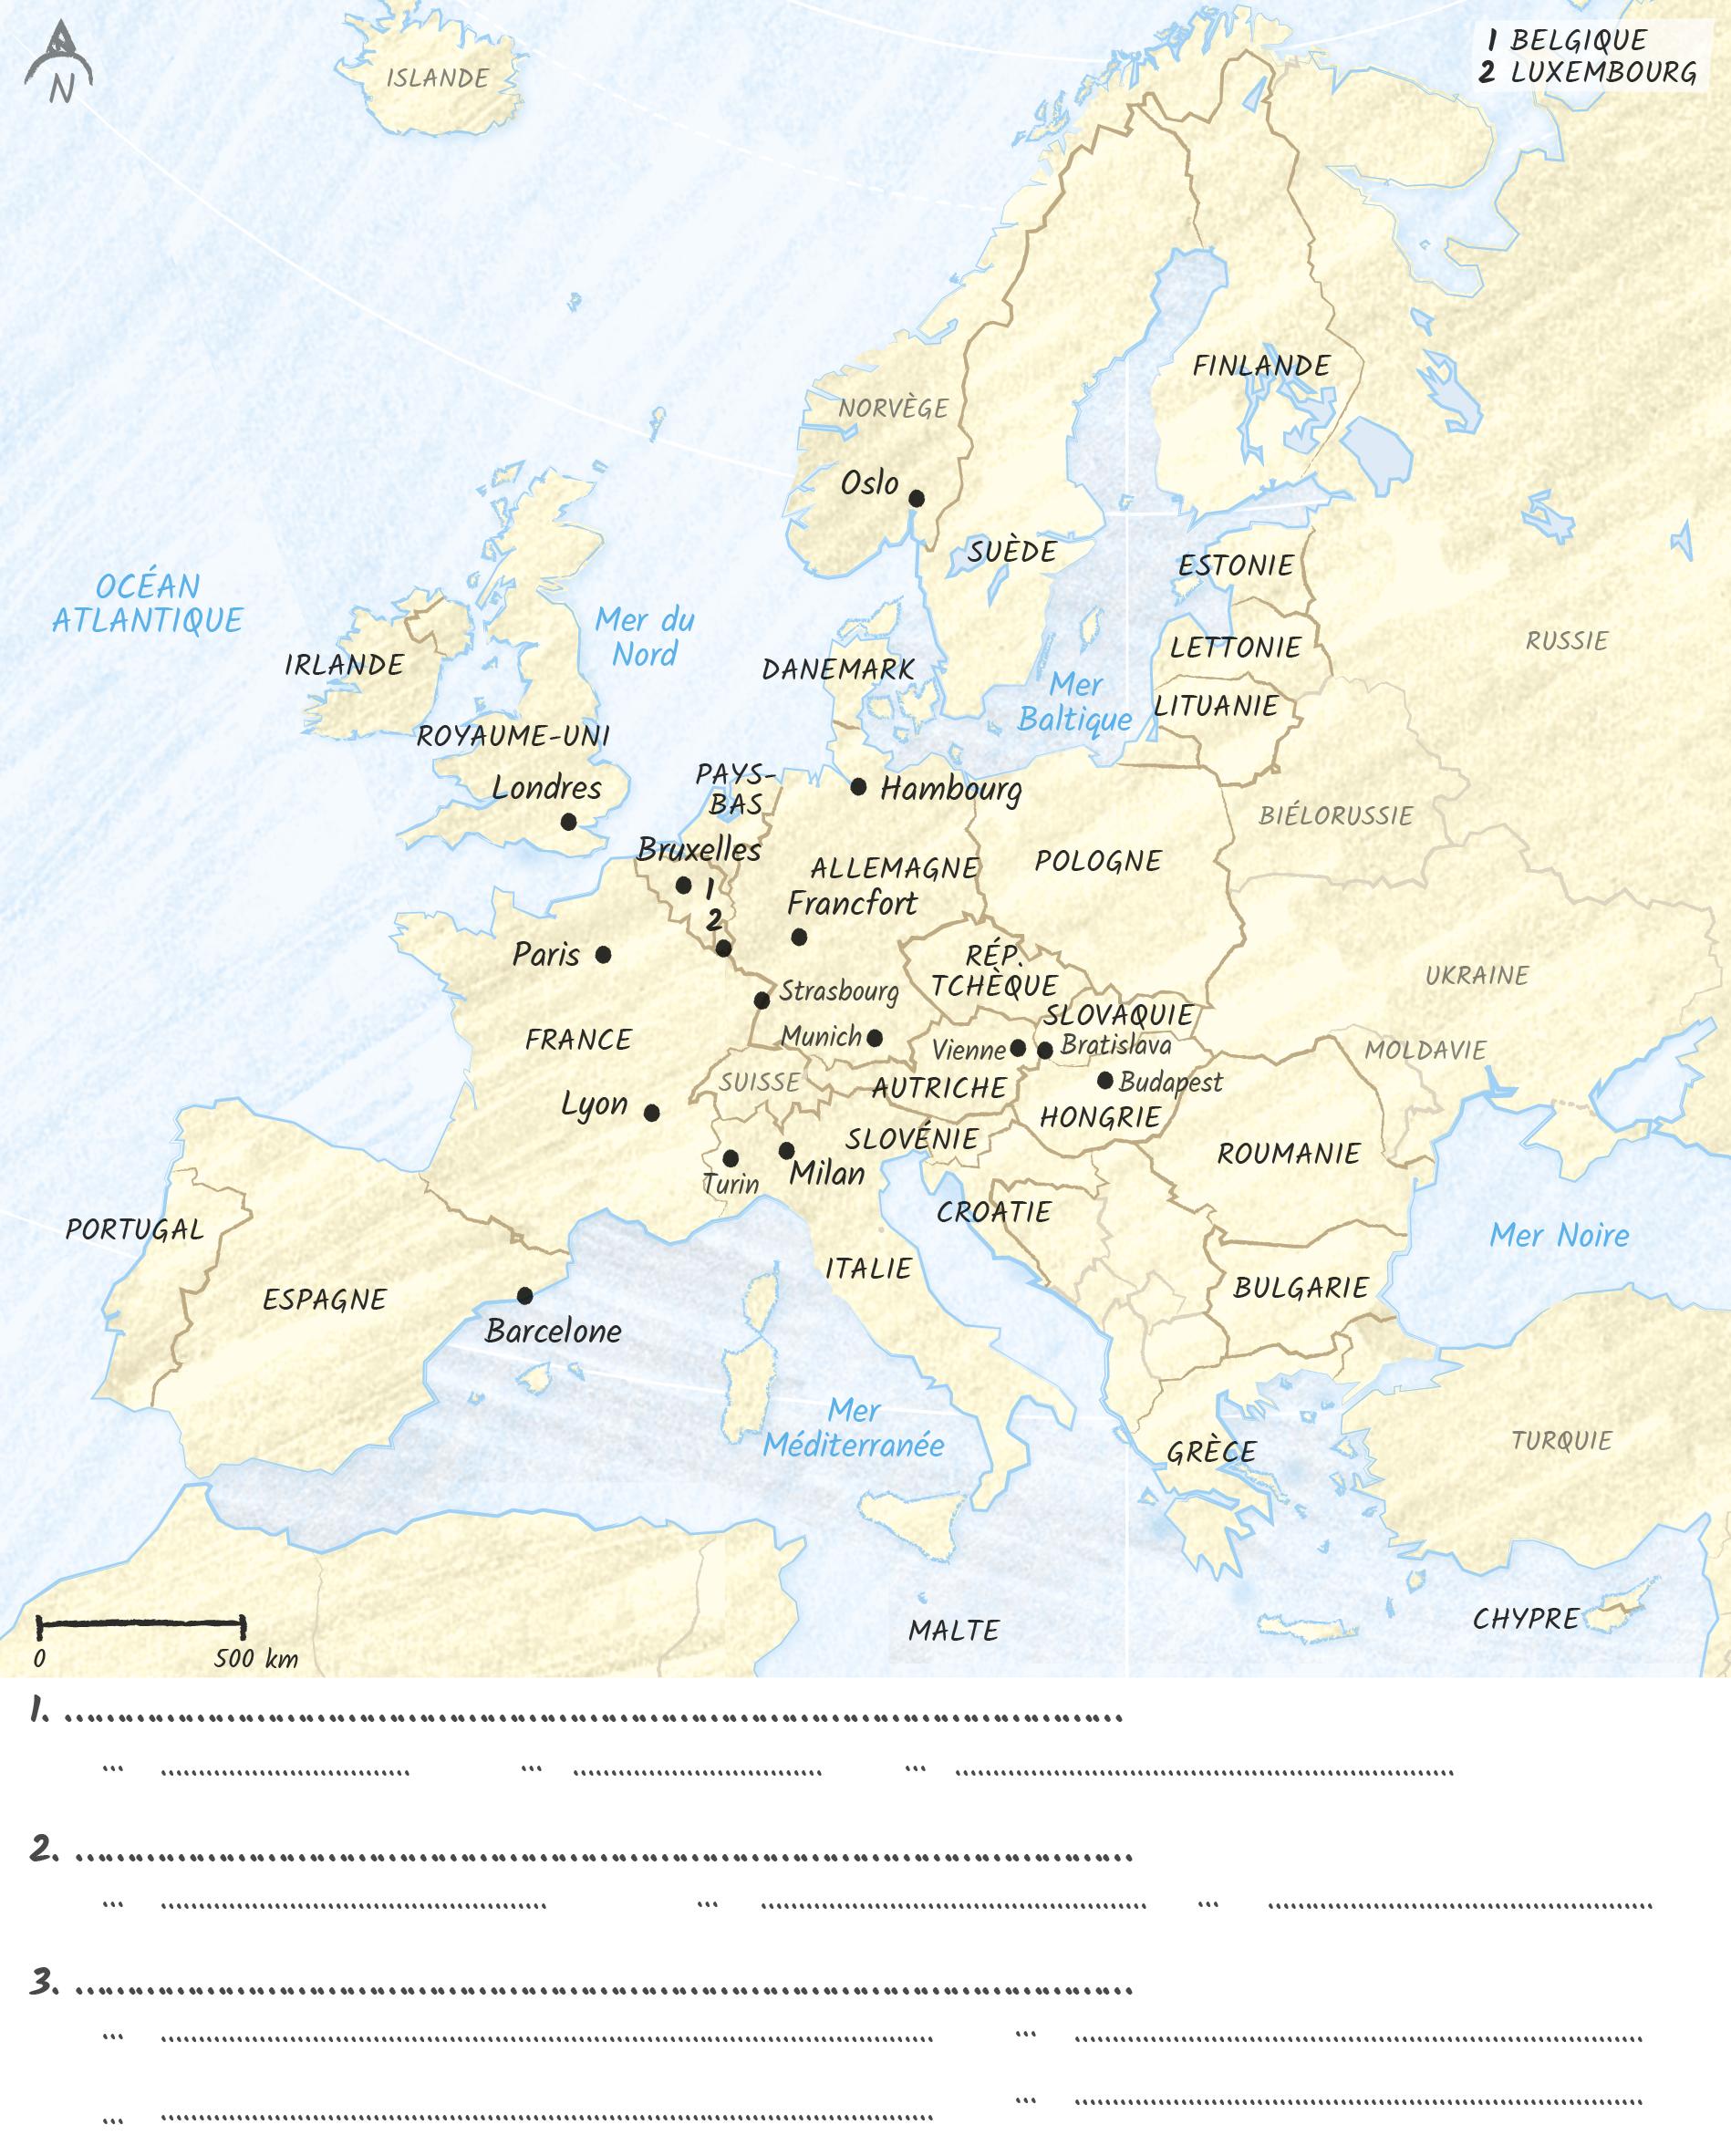 Croquis politique européenne des transports